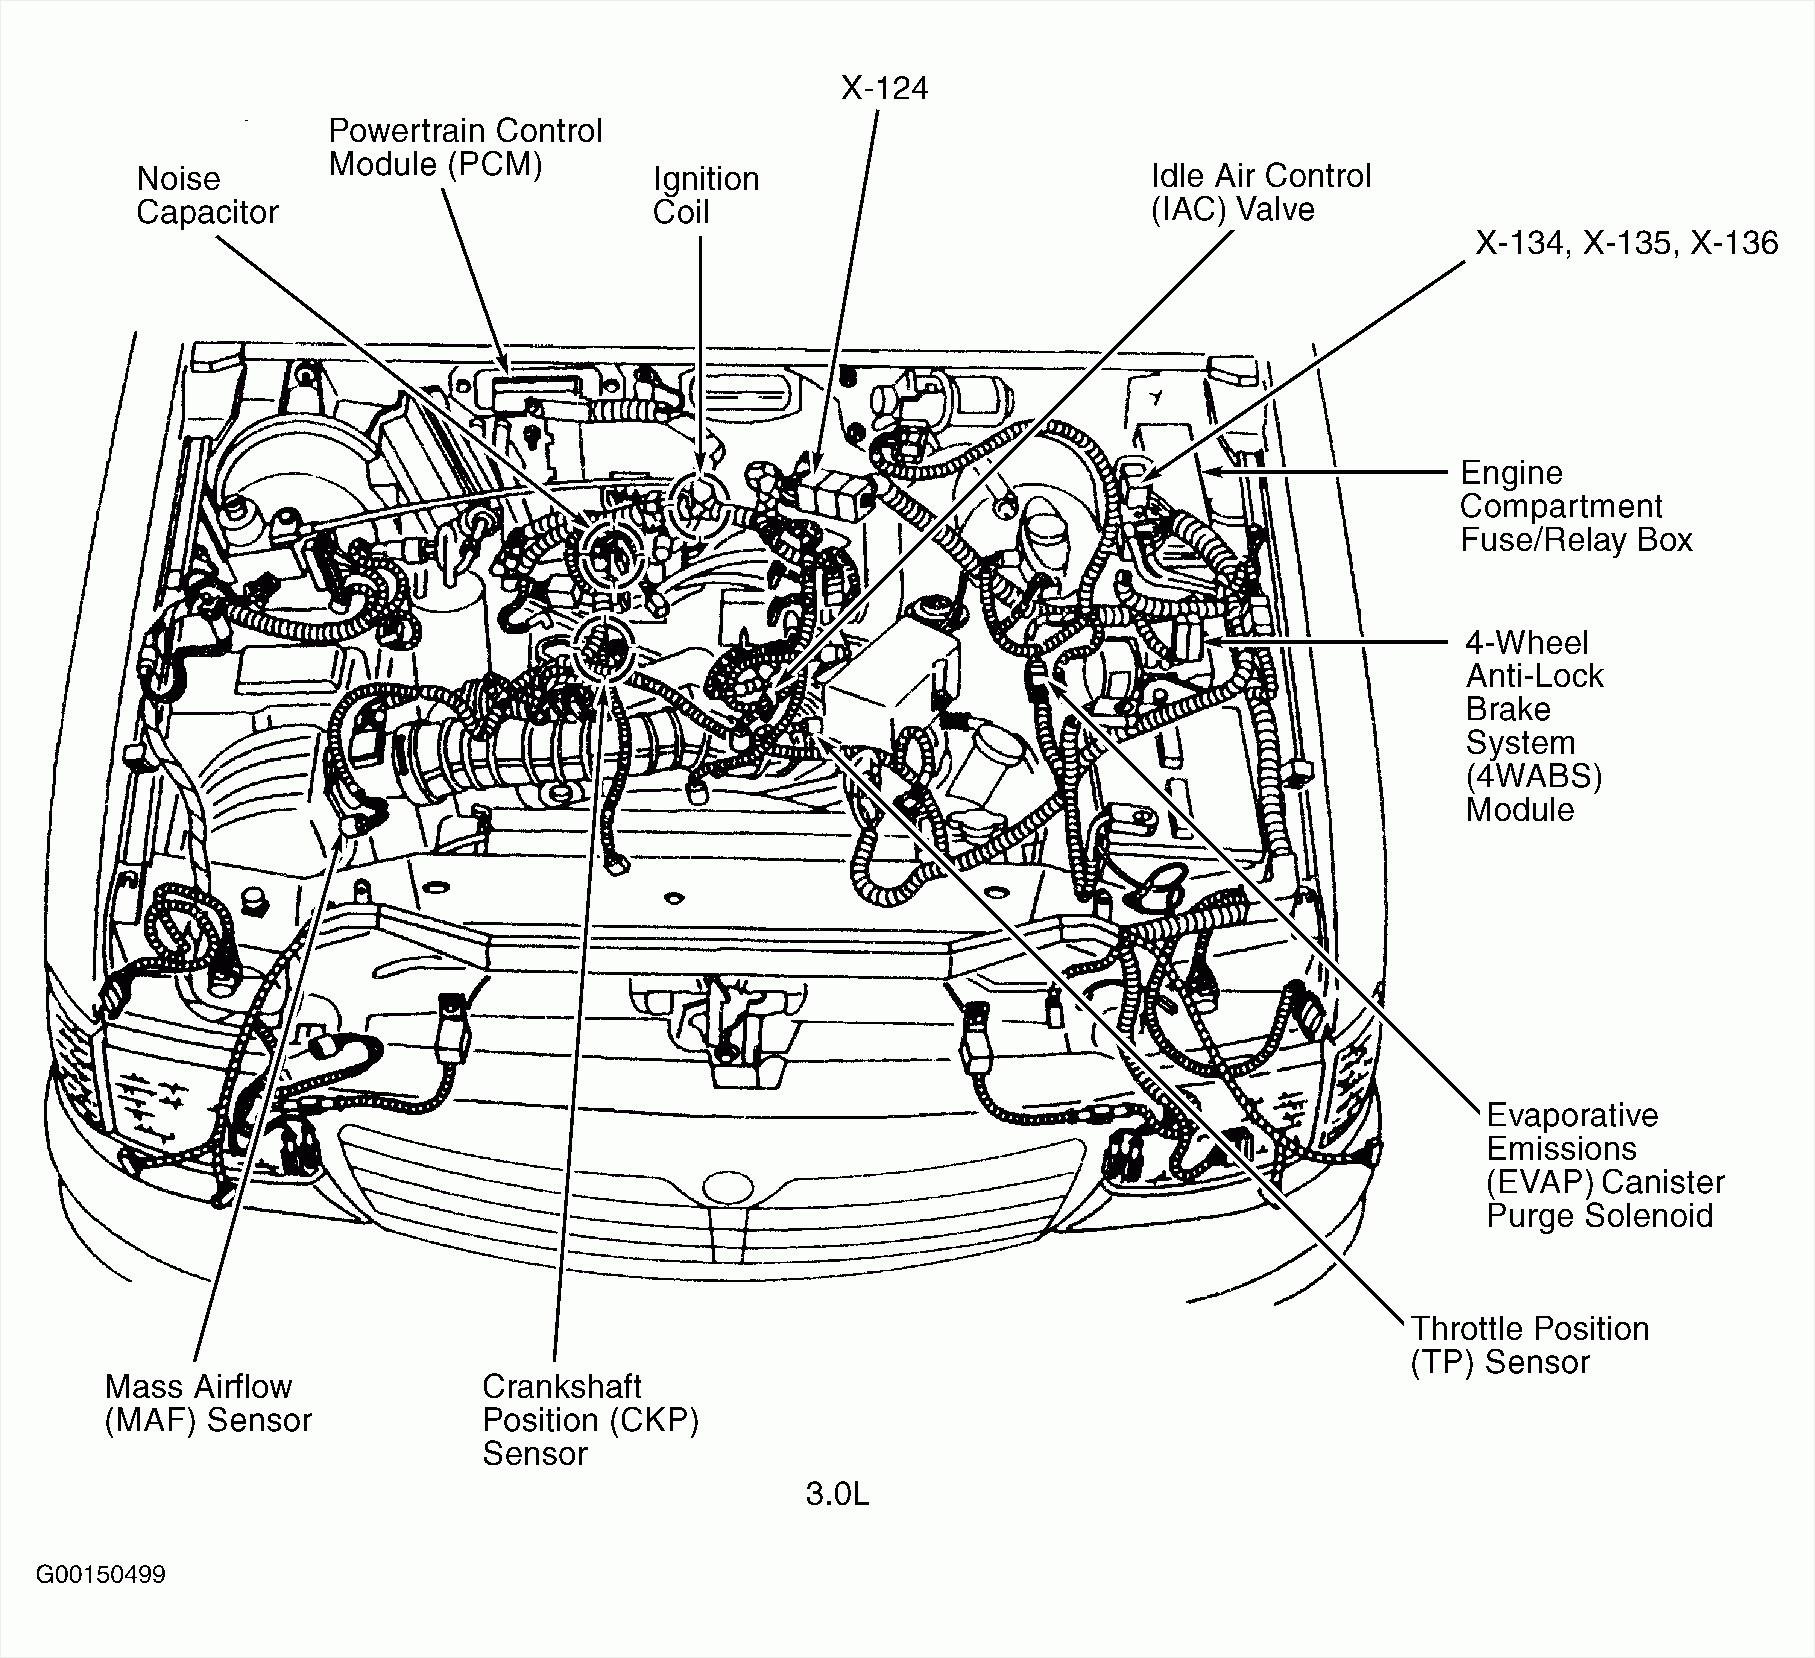 Northstar Engine Diagram north Star 4 6l Engine Diagram Wiring Diagram toolbox Of Northstar Engine Diagram Cadillac V8 Engine